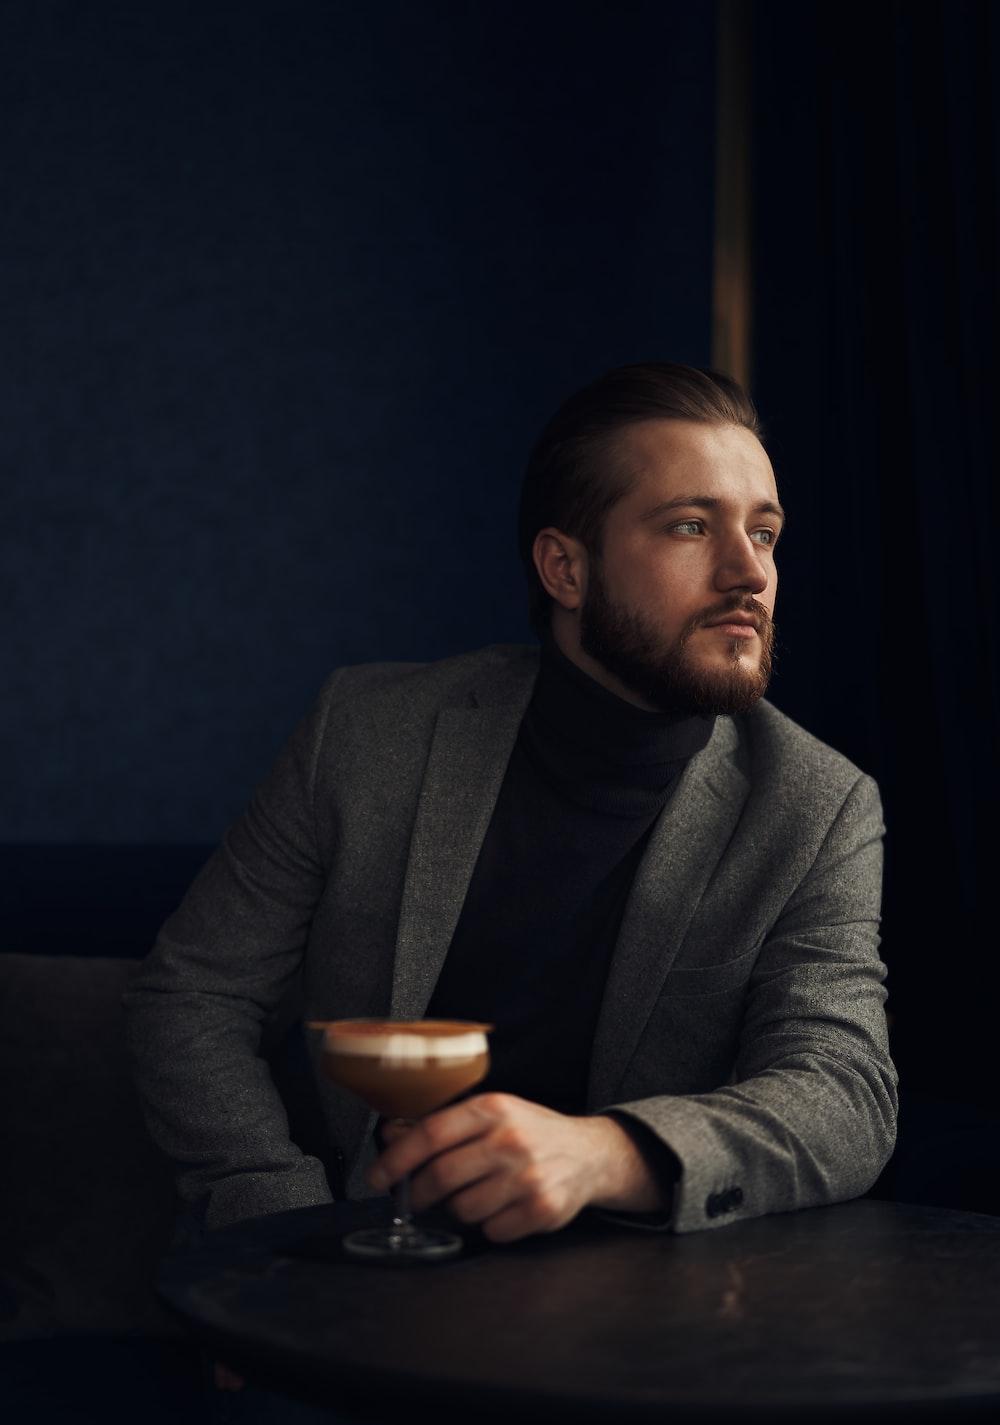 man in gray suit jacket holding brown ceramic mug